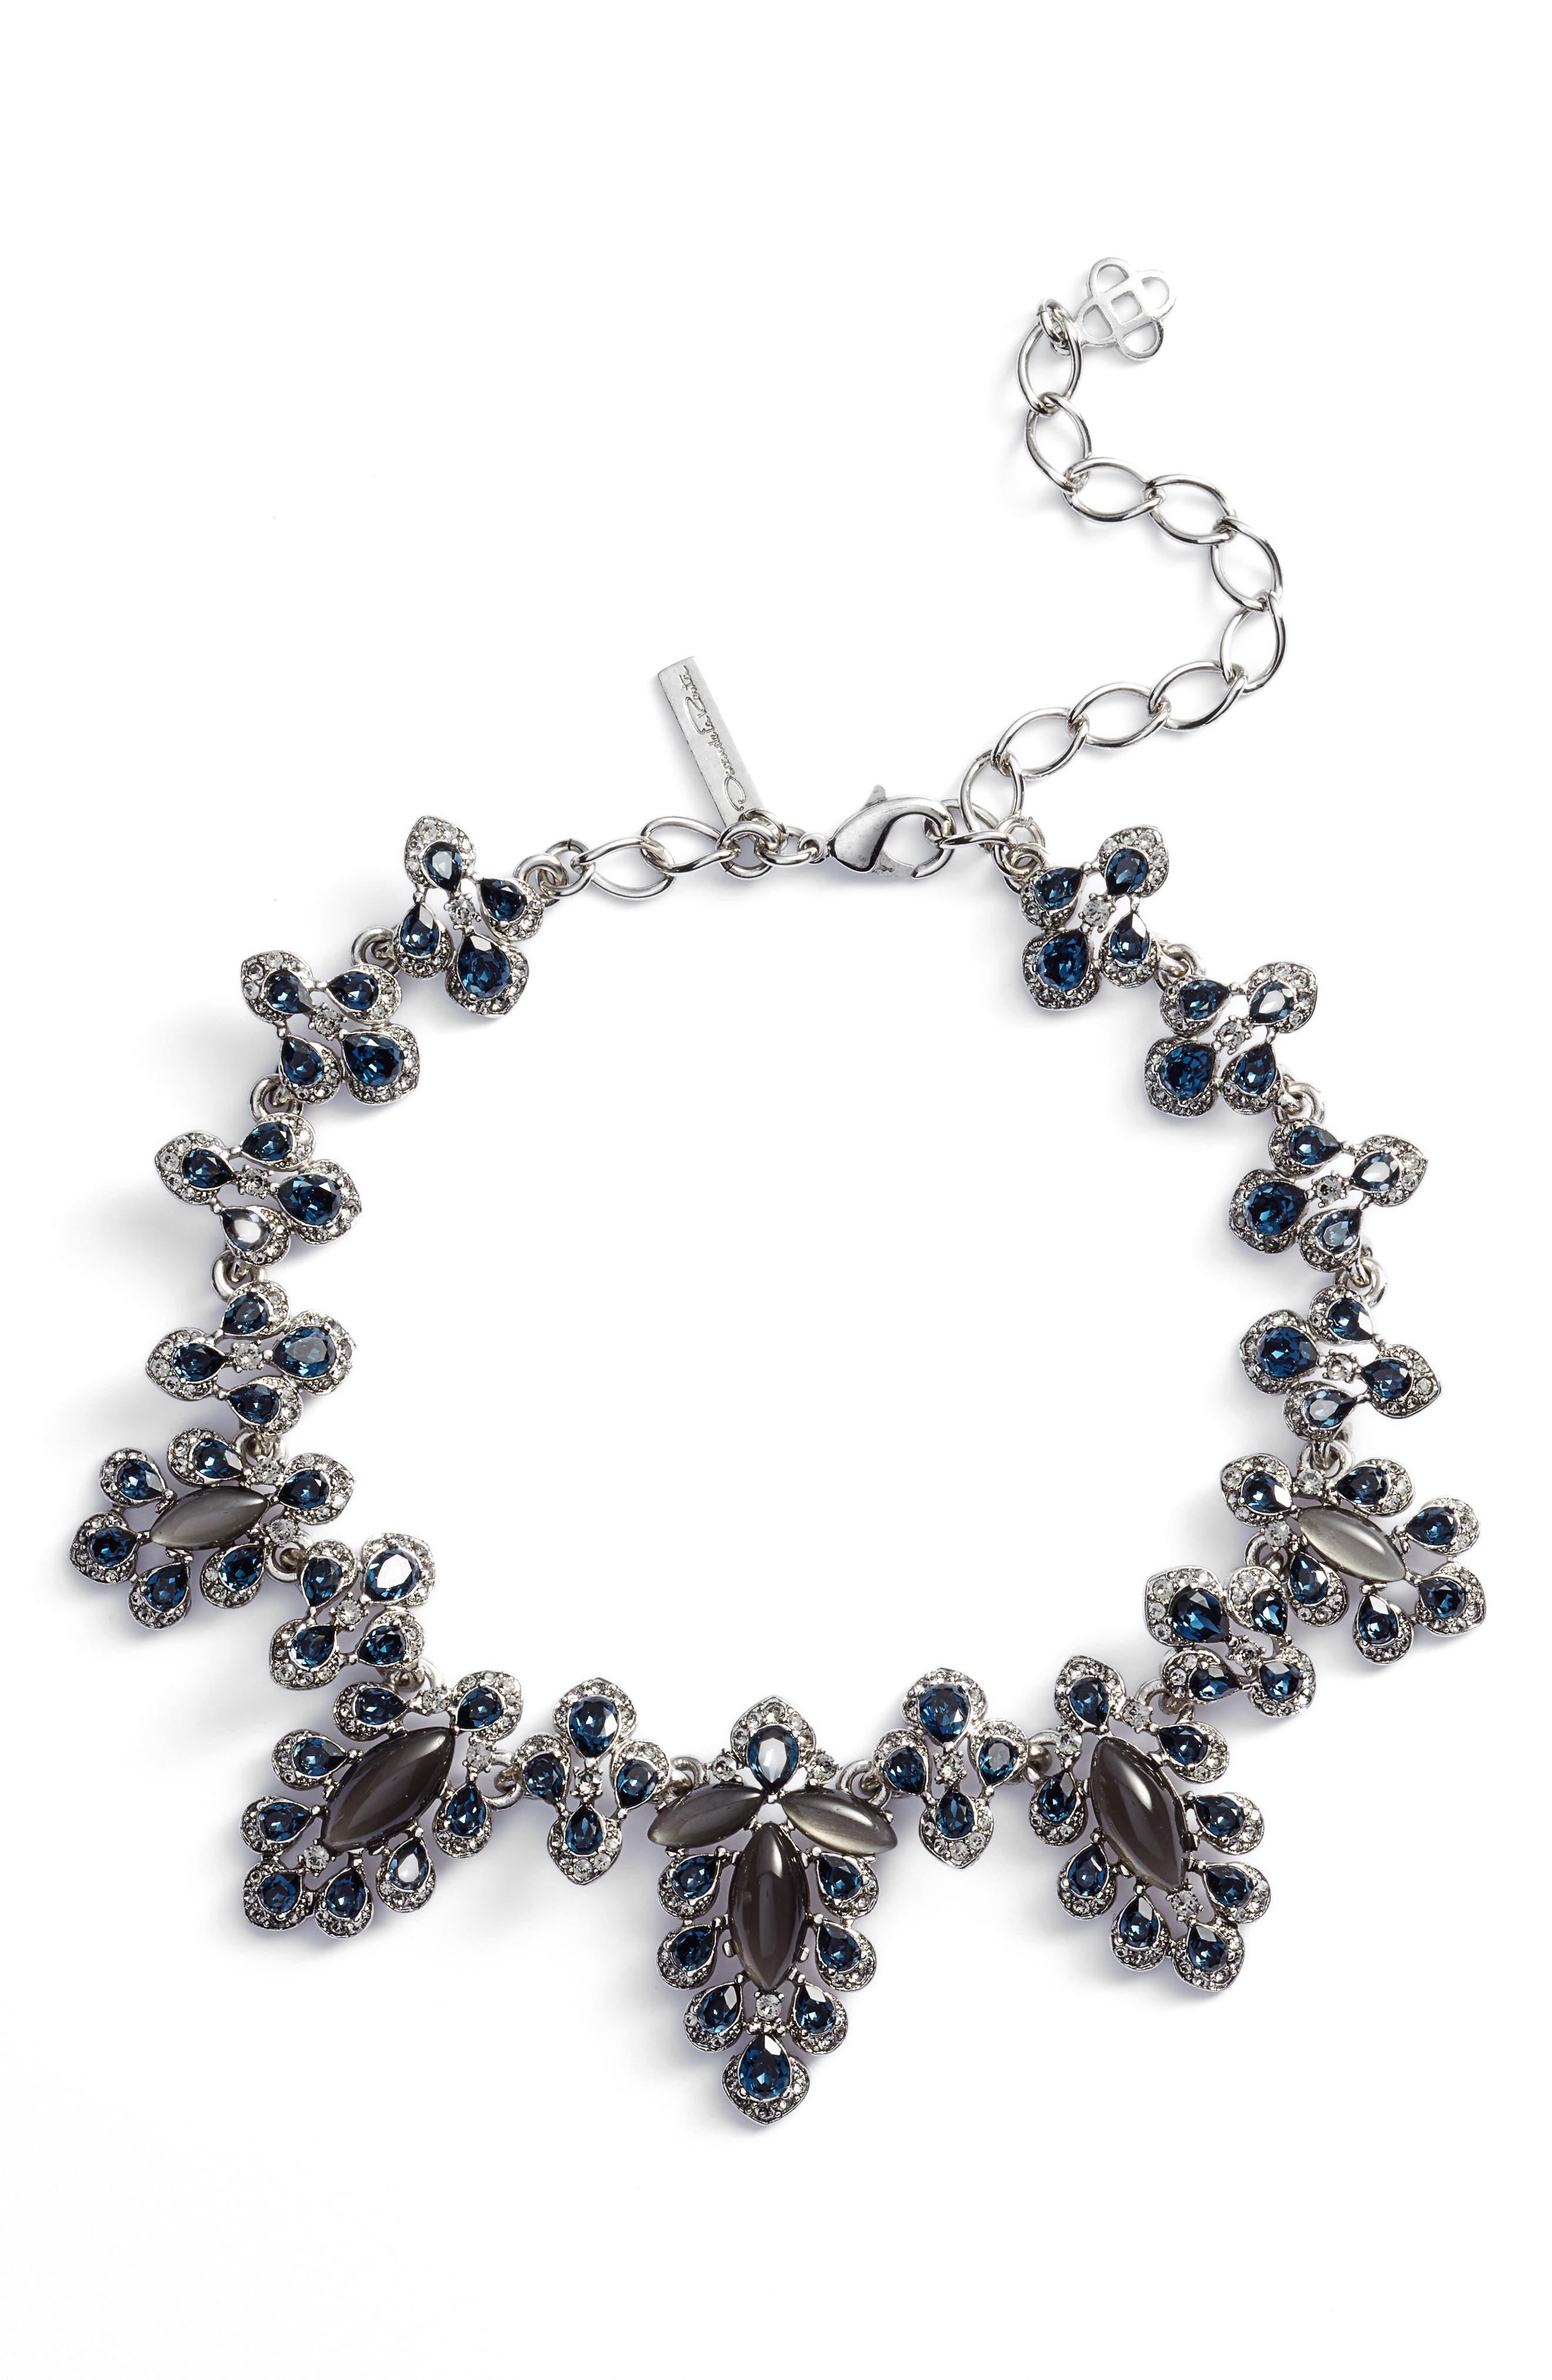 Oscar de la Renta Parlor Collar Necklace